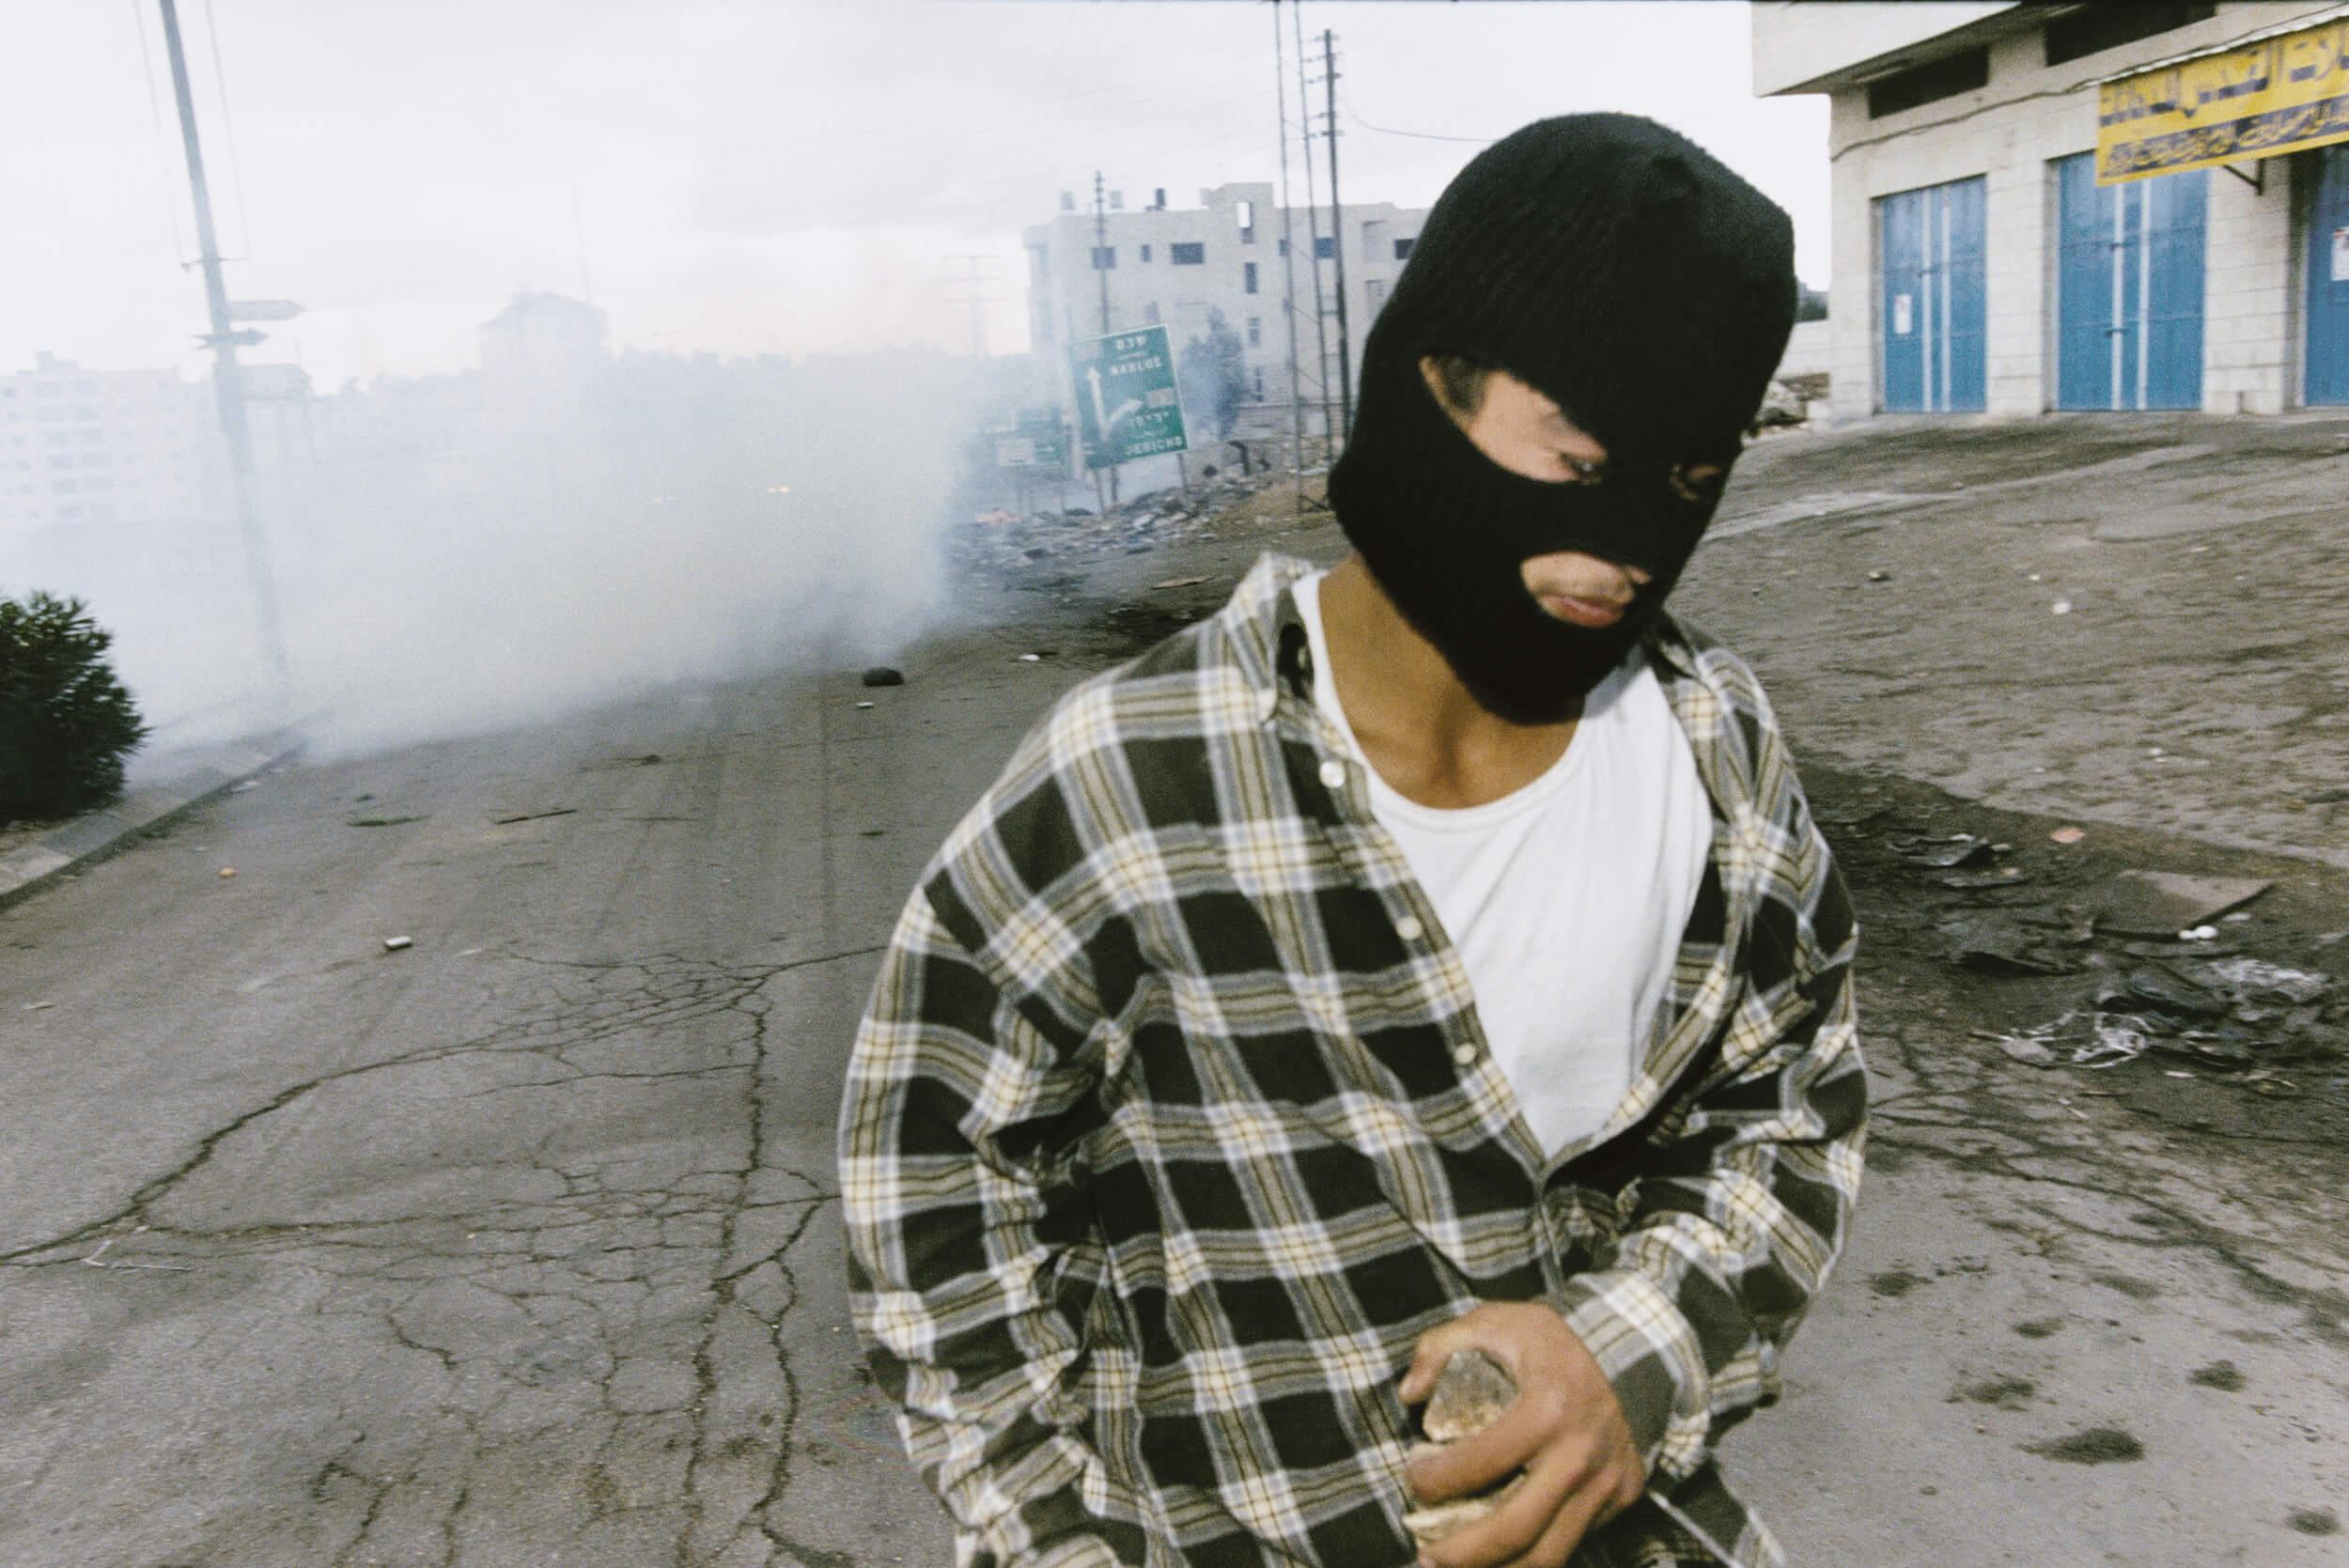 Ramallah. Second Intifada November 2000.